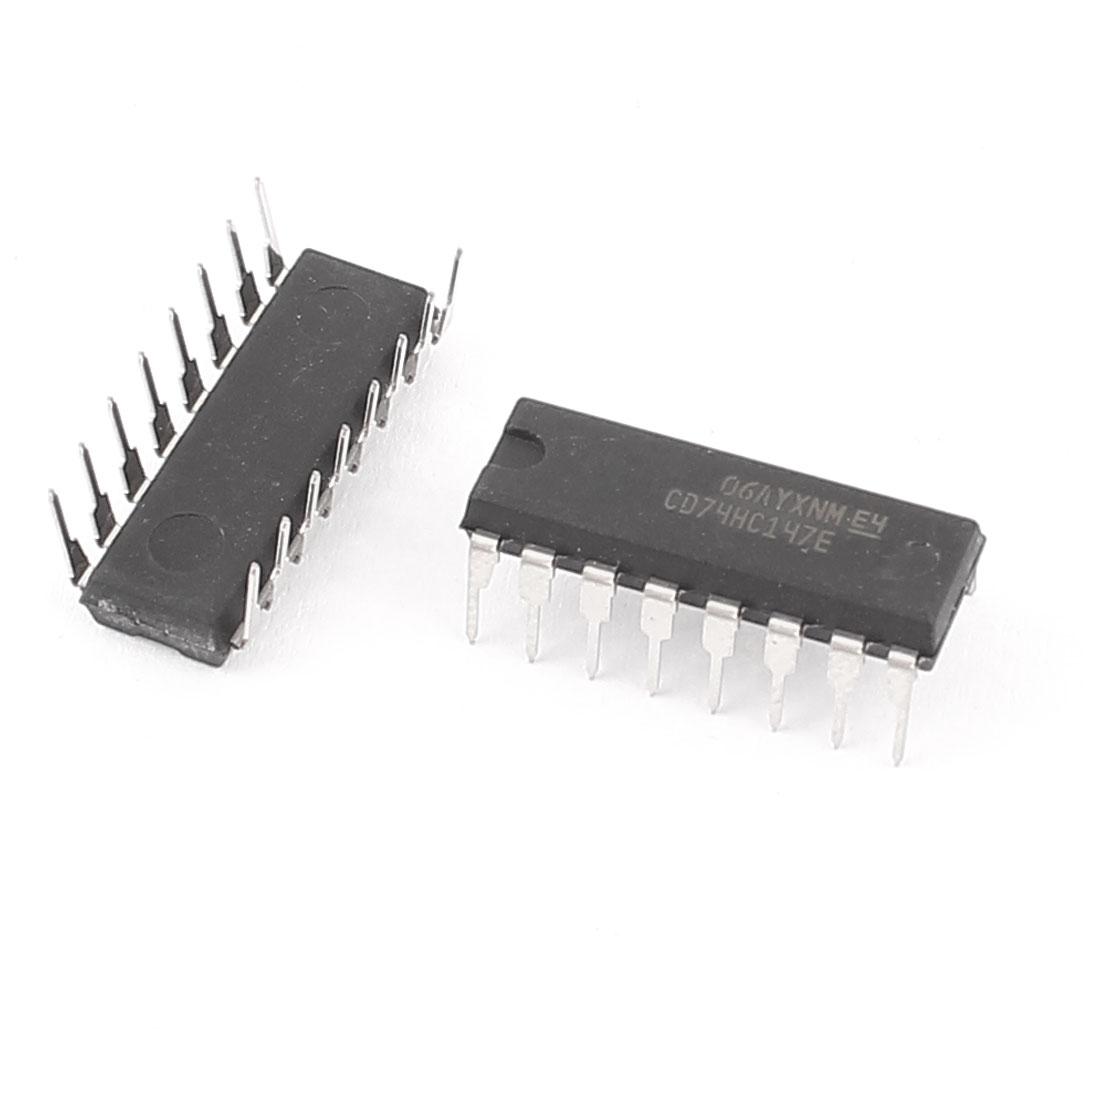 CD74HC147E/74HC147 Dip-16 PCB 10 Line To 4 Line Priority Encoder 2pcs